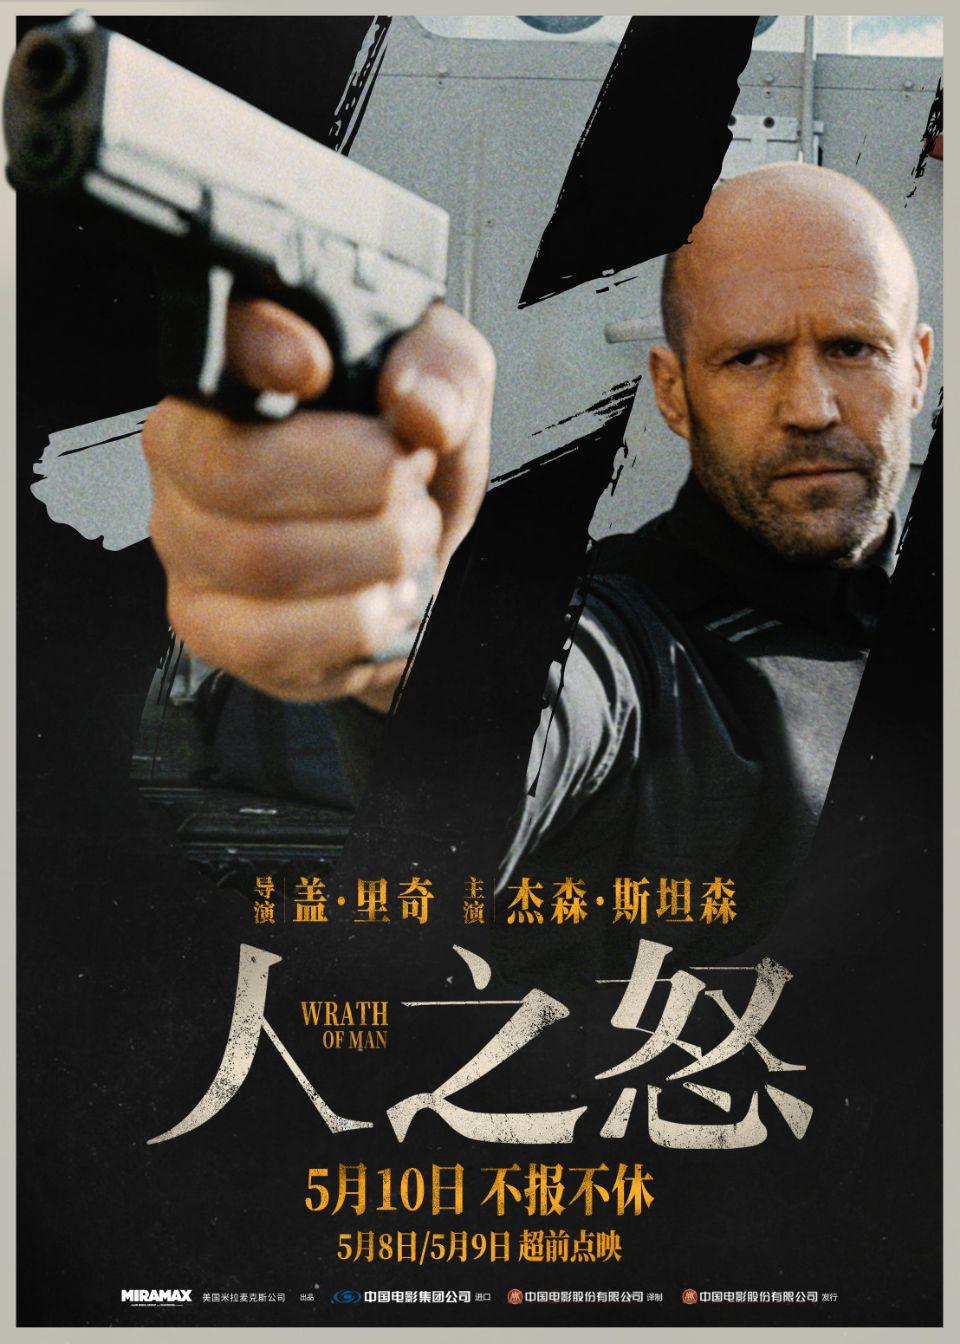 《人之怒》发布中国版海报 杰森·斯坦森愤怒复仇